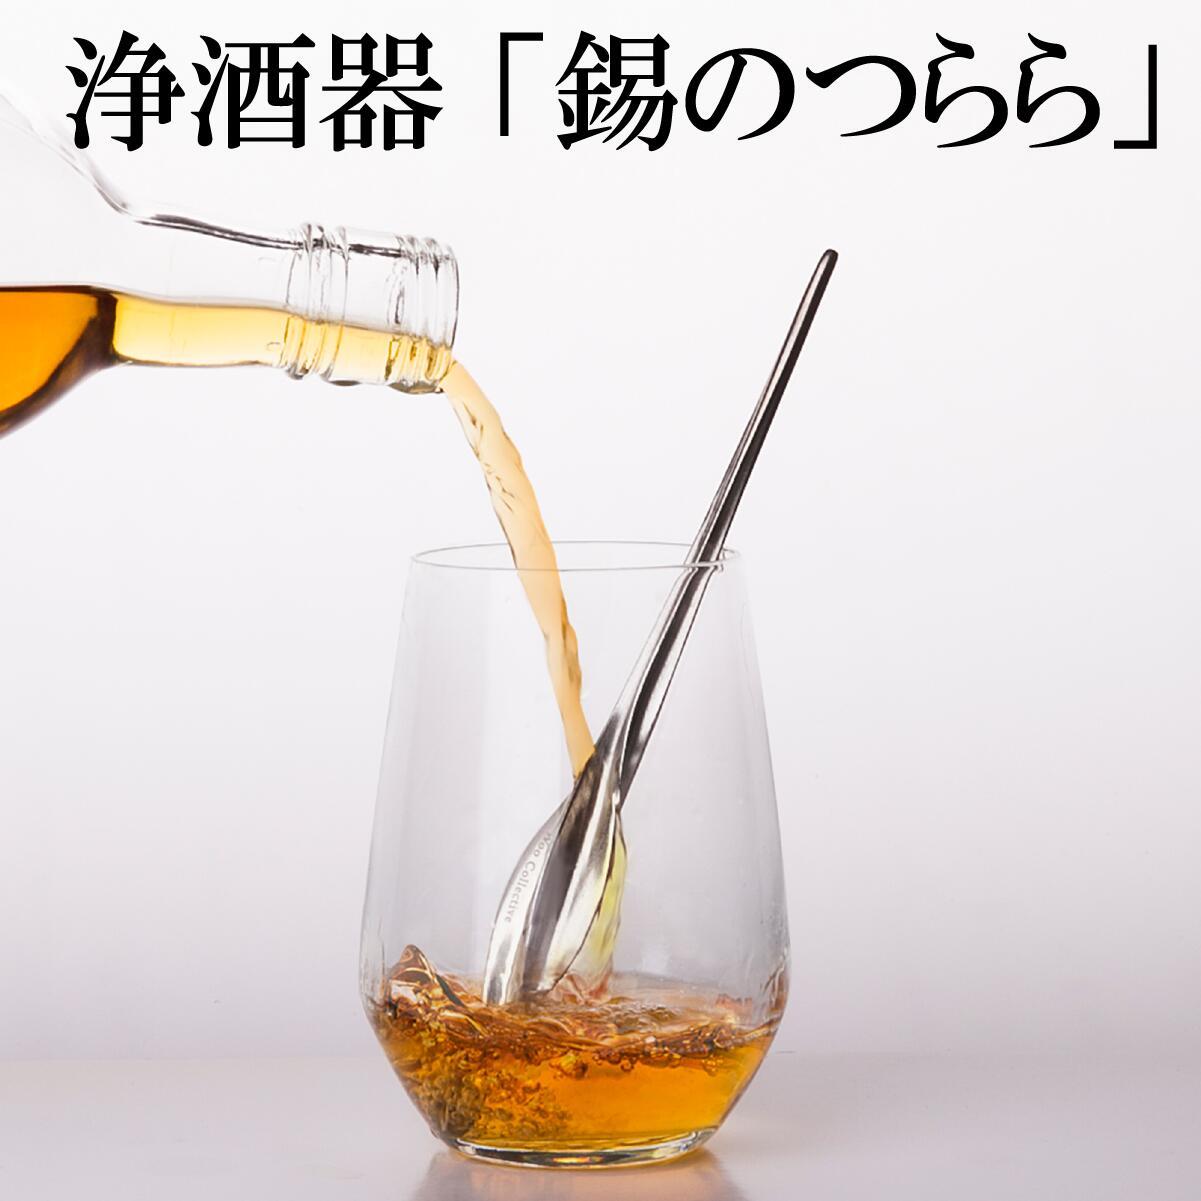 錫 すず の力でお酒や水の味をまろやかに 台湾の伝統を継承する浄酒器 錫の雫 価格交渉OK送料無料 最新 浄酒器 錫のつらら プレゼント お祝い 酒器 まろやか ワイン お酒をおいしく 送料無料 浄水 日本酒 ビール